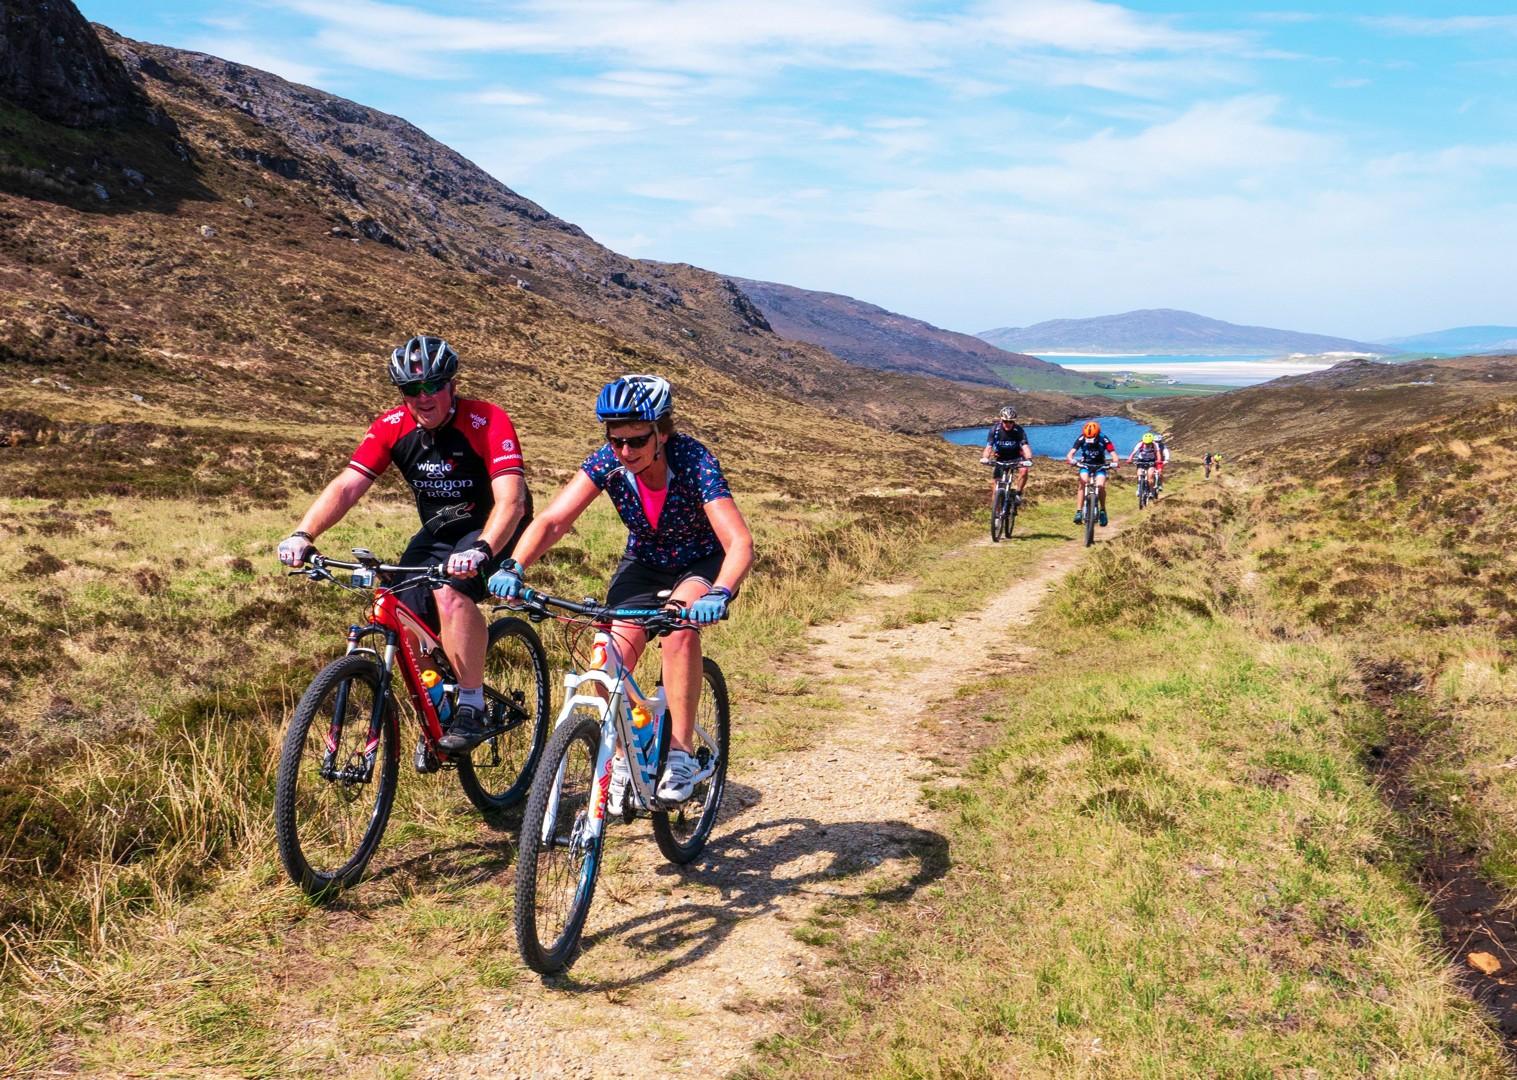 group-rural-mountain-biking-holiday-in-outer-hebrides-scotland.jpg - Scotland - Hebridean Explorer - Guided Mountain Bike Holiday - Mountain Biking